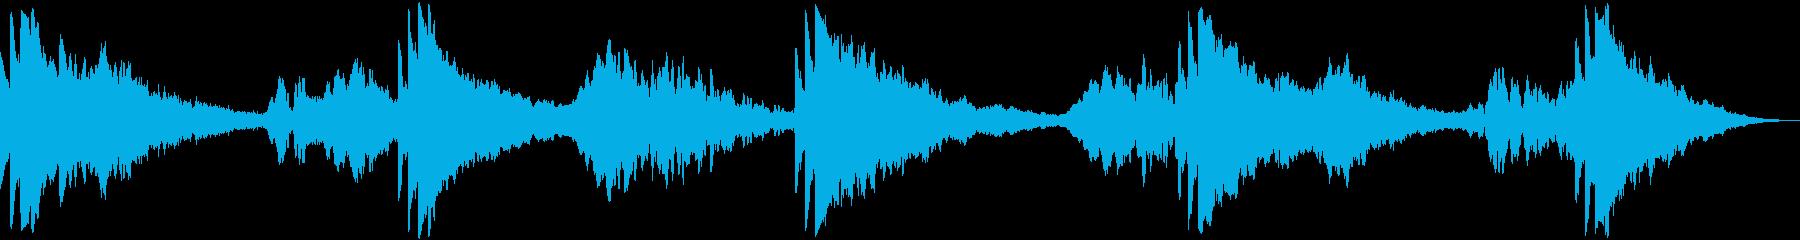 不吉な潮の音楽パッドの再生済みの波形